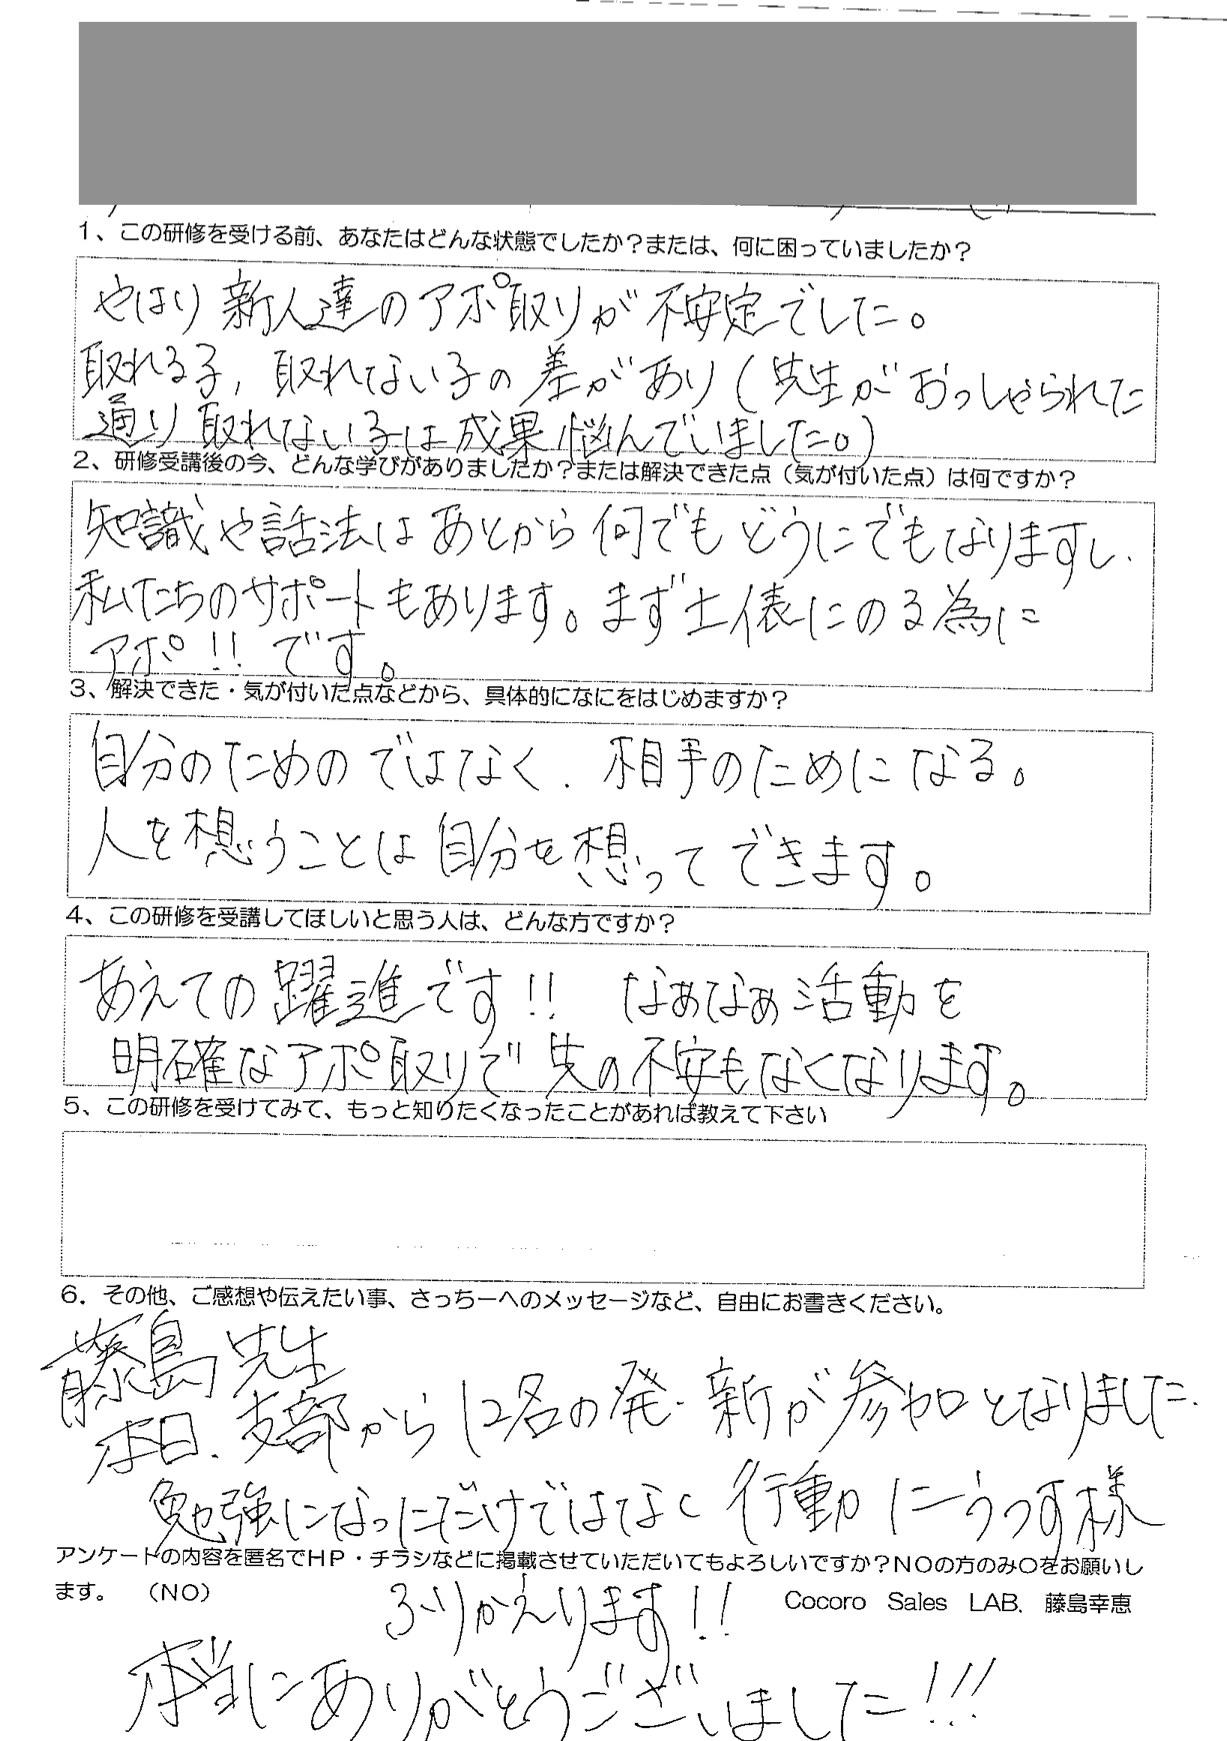 20170727【管理職】住友生命浜松支社様「アポの5原則Five Stepメソッド」アンケート20170729-1